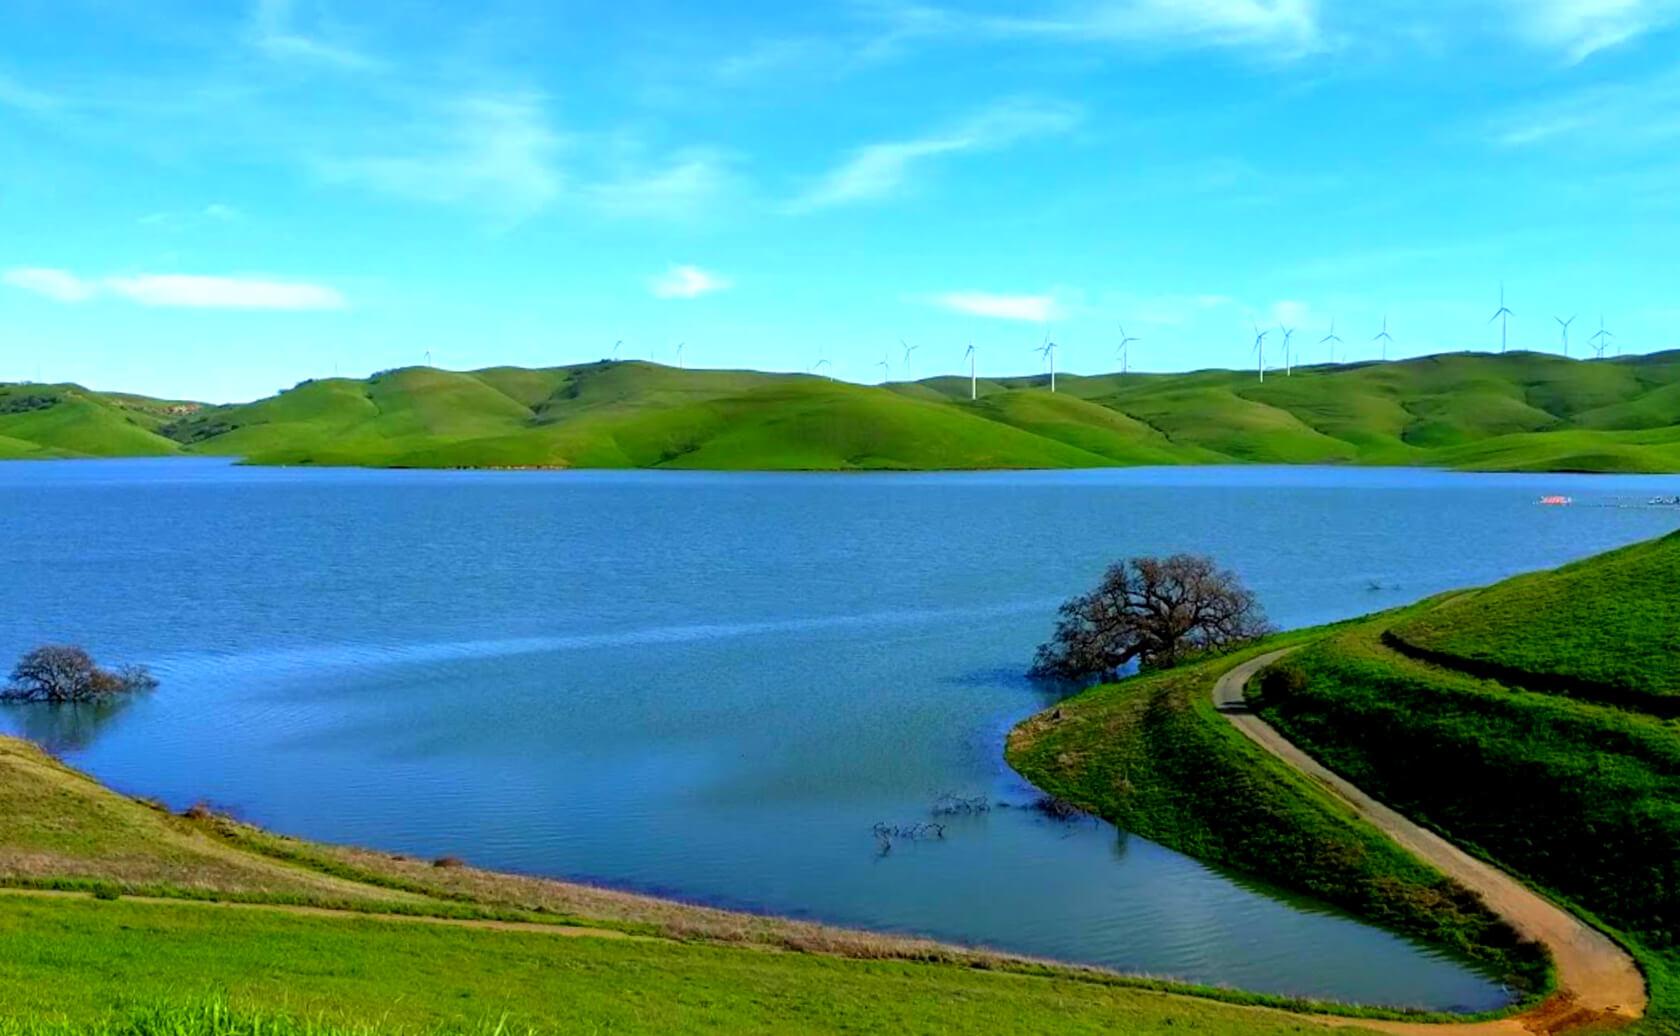 Los-Vaqueros-Reservoir-Lake-Fishing-Guide-Report-California-02